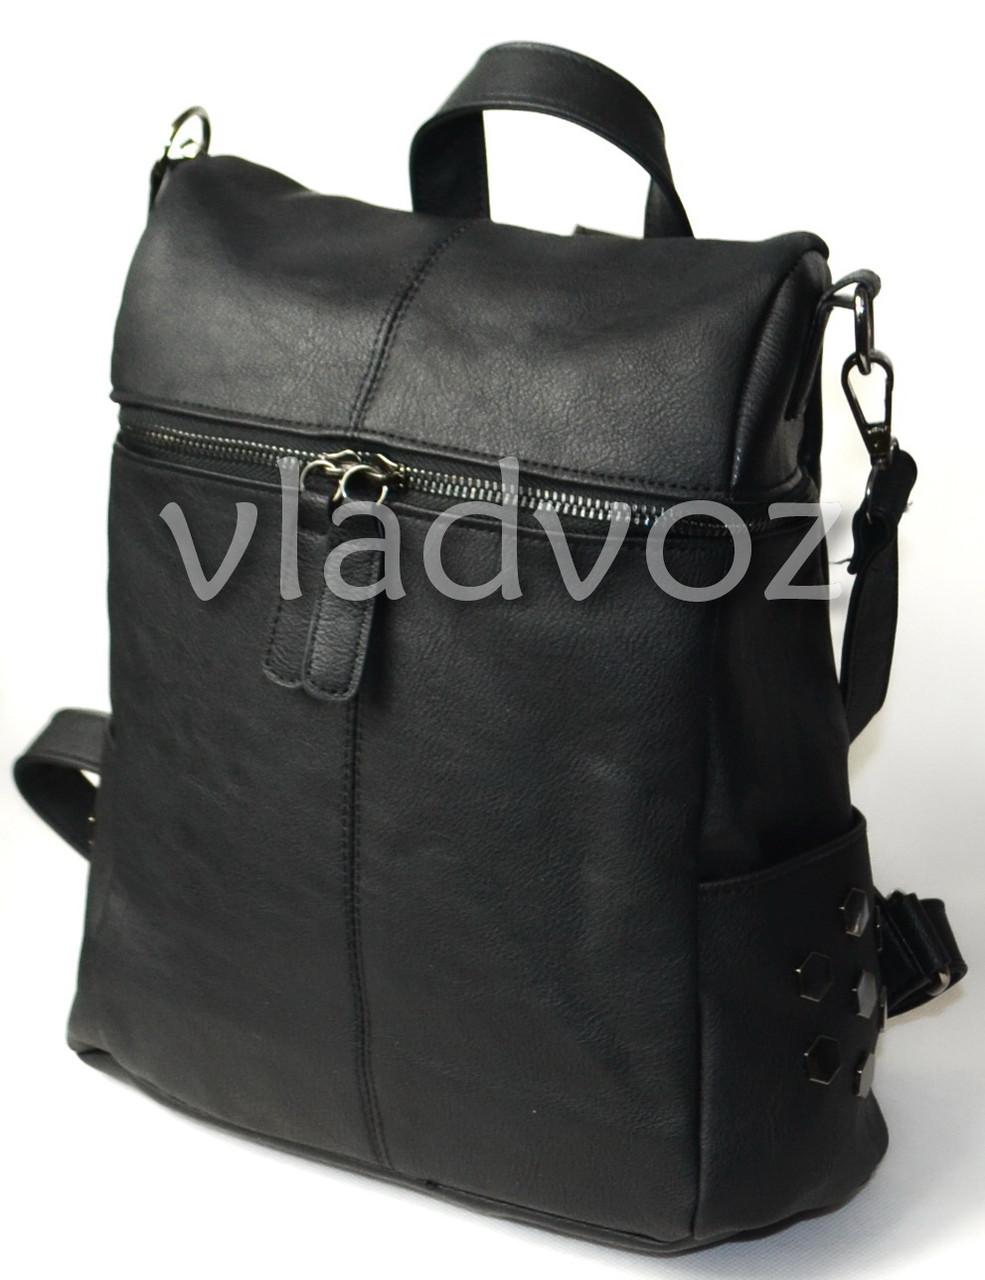 524a355756c9 Городской женский молодежный модный стильный рюкзак сумка черный - ☎ VIBER  0977864700 интернет магазин vladvoz.